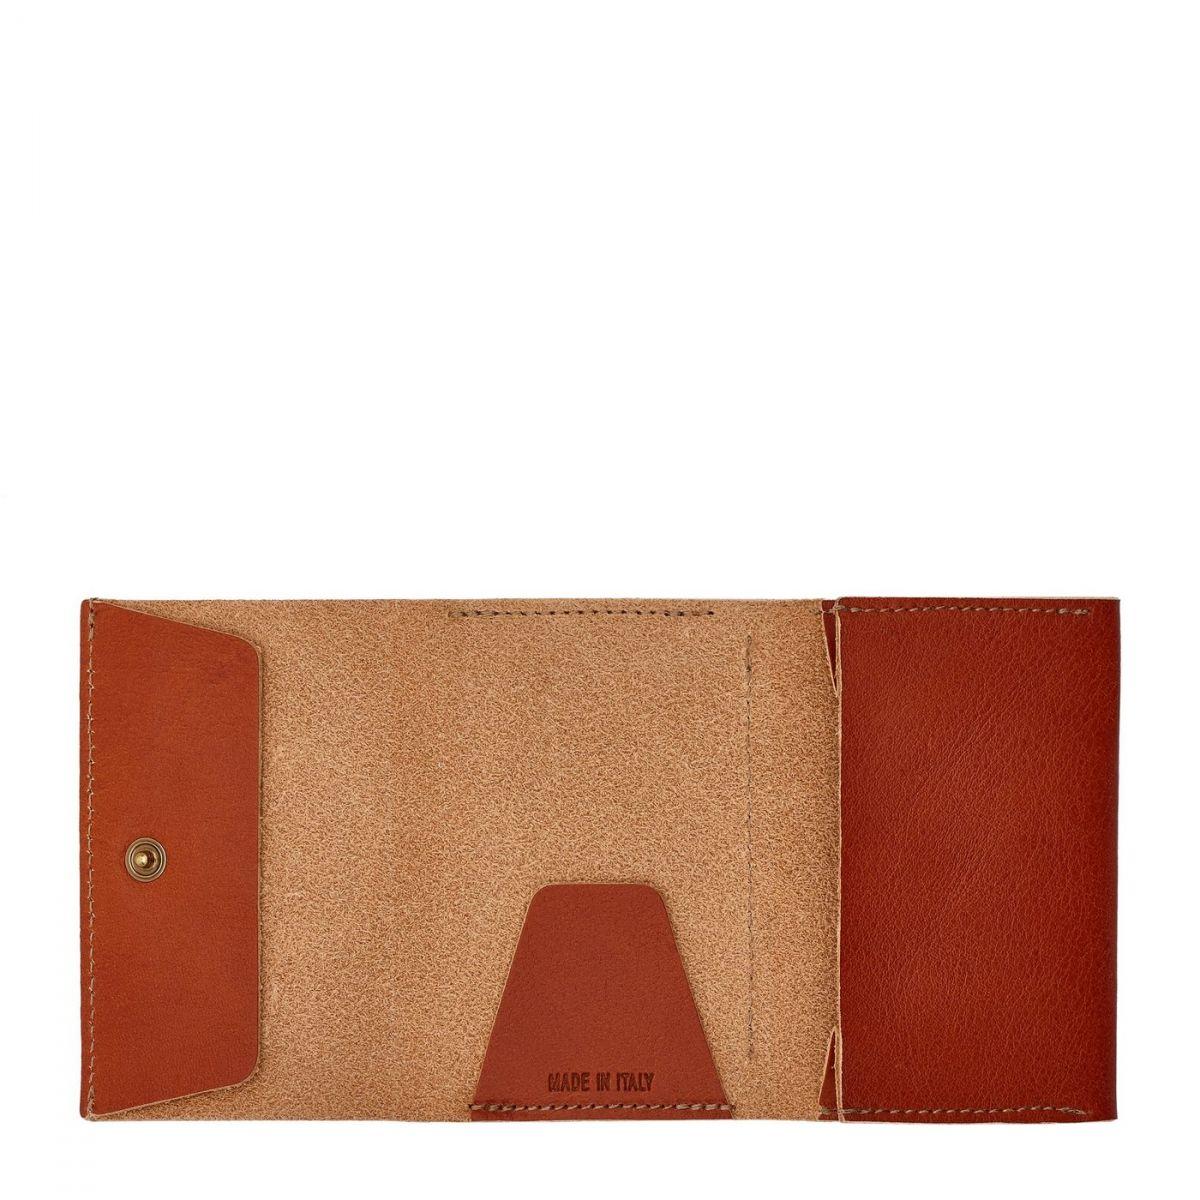 Portefeuille  en Cuir De Vachette SMW111 couleur Caramel | Details